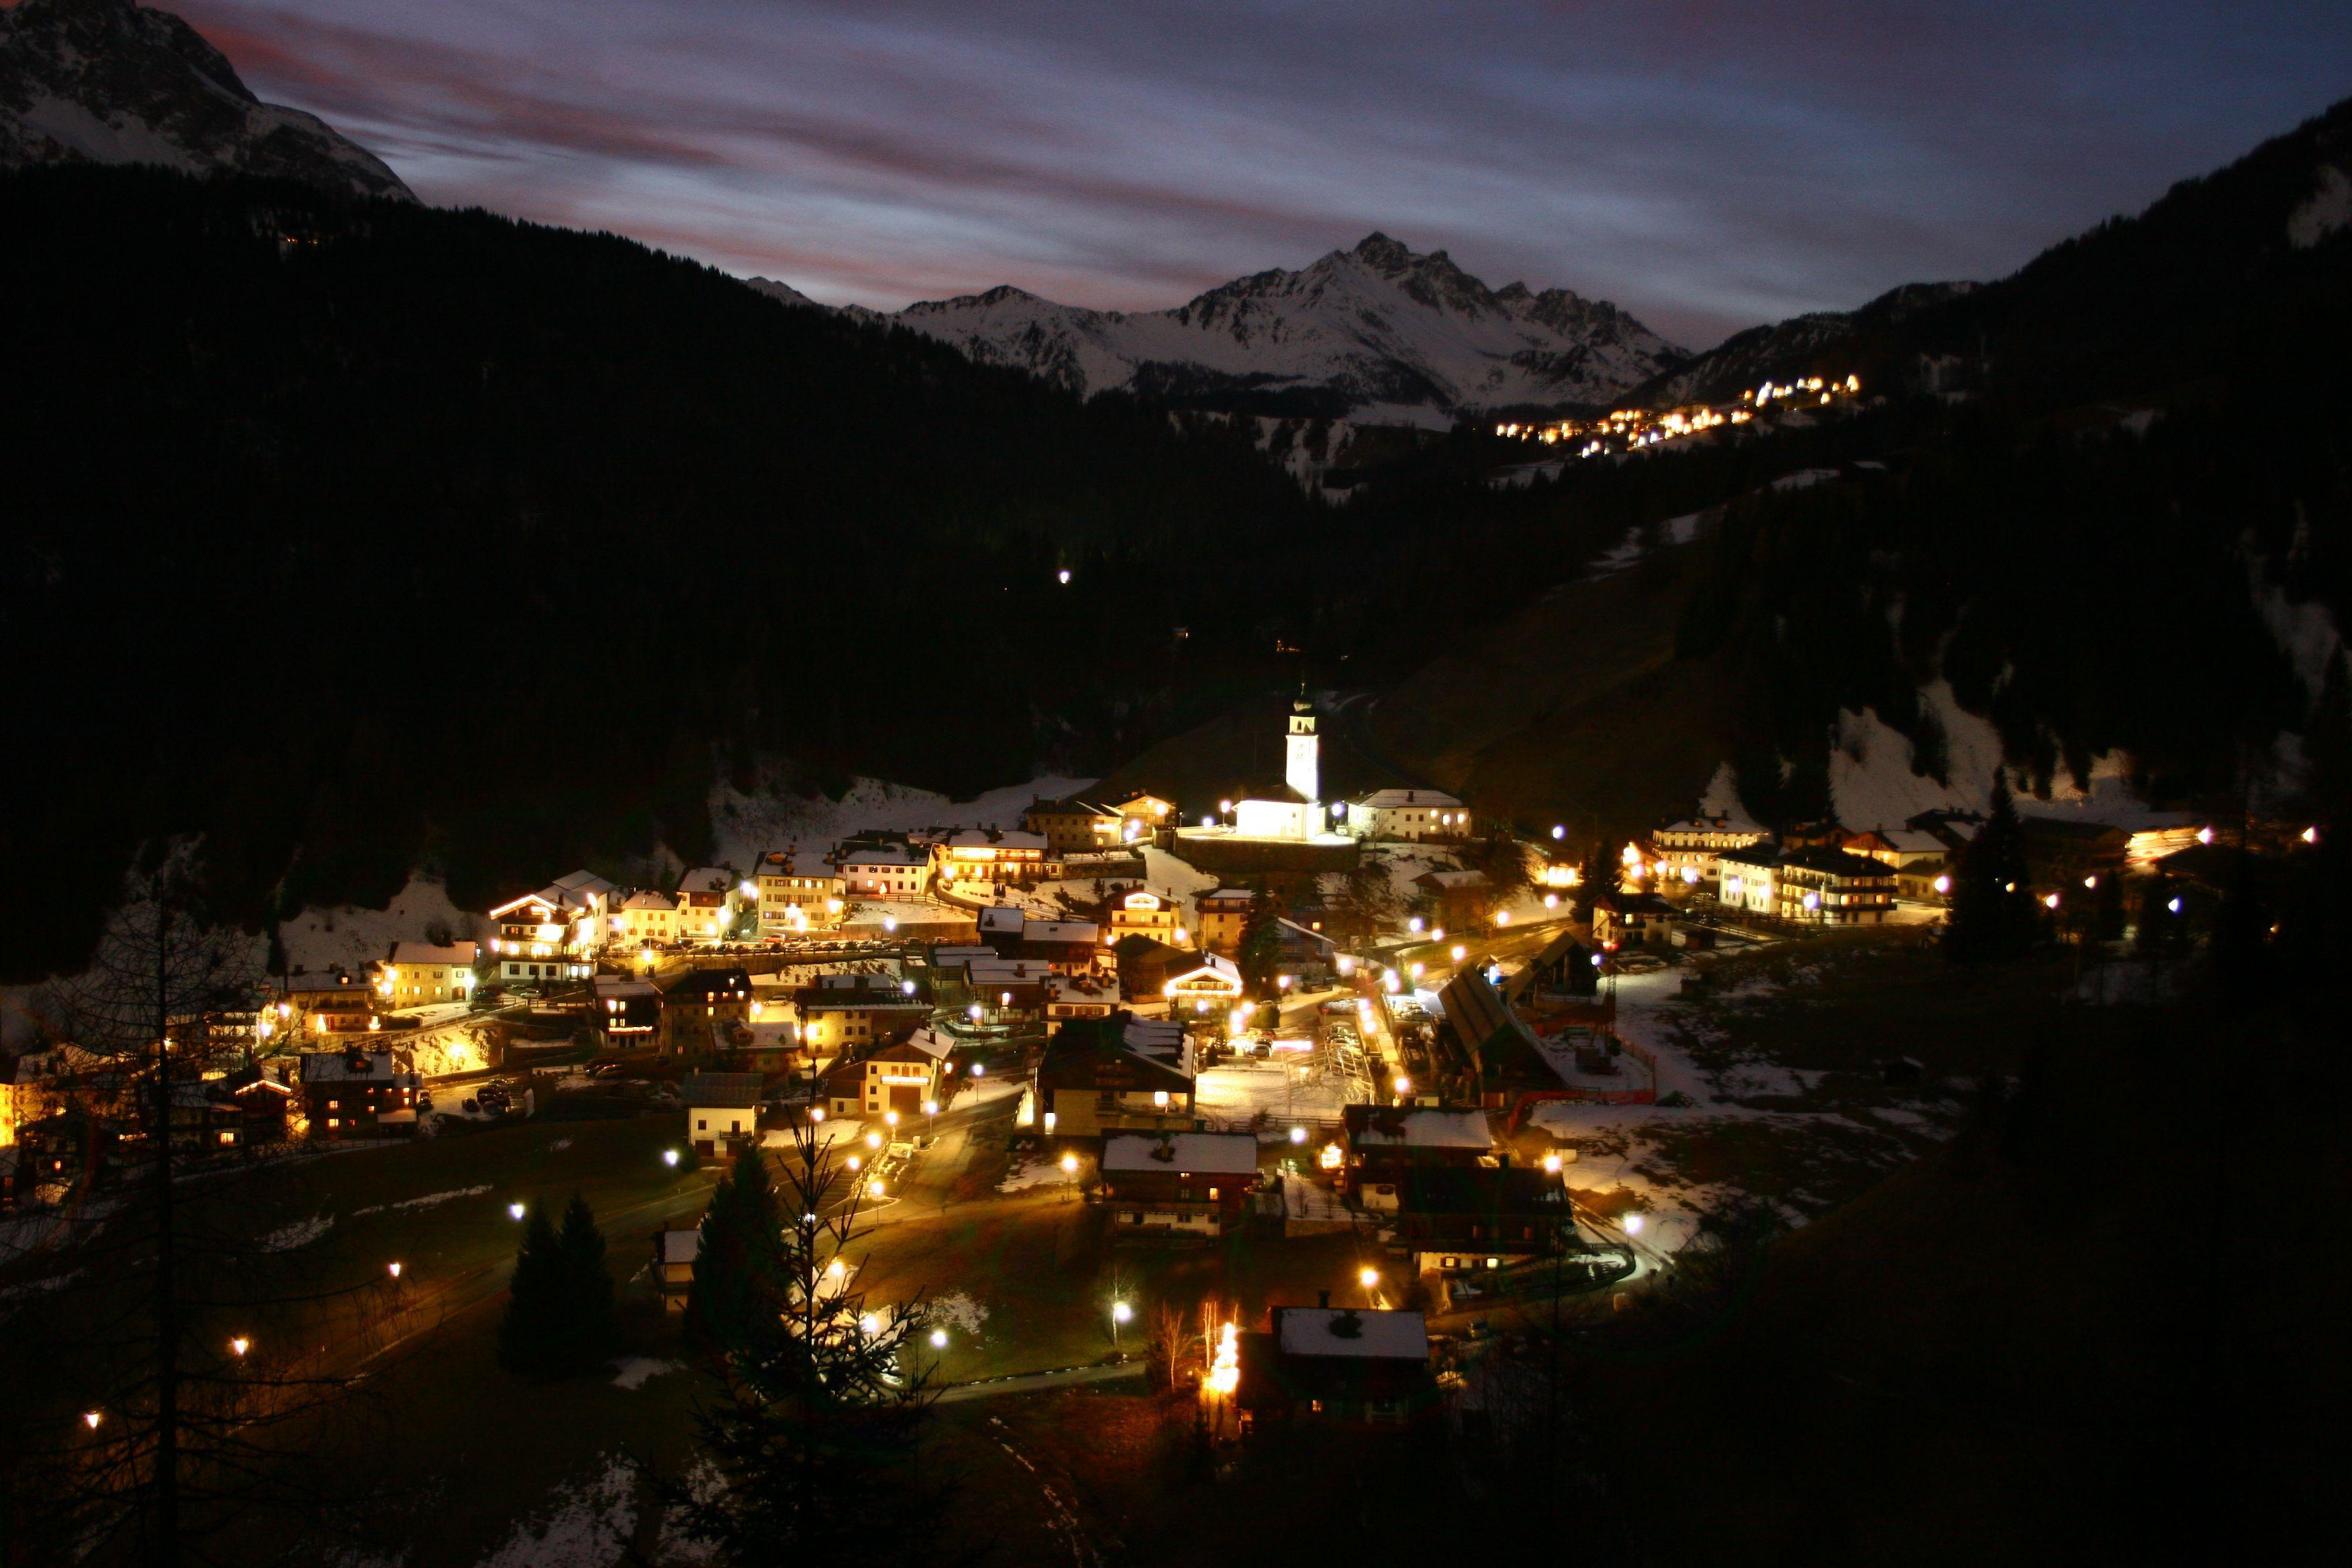 Paesaggio di Sauris di notte, Carnia